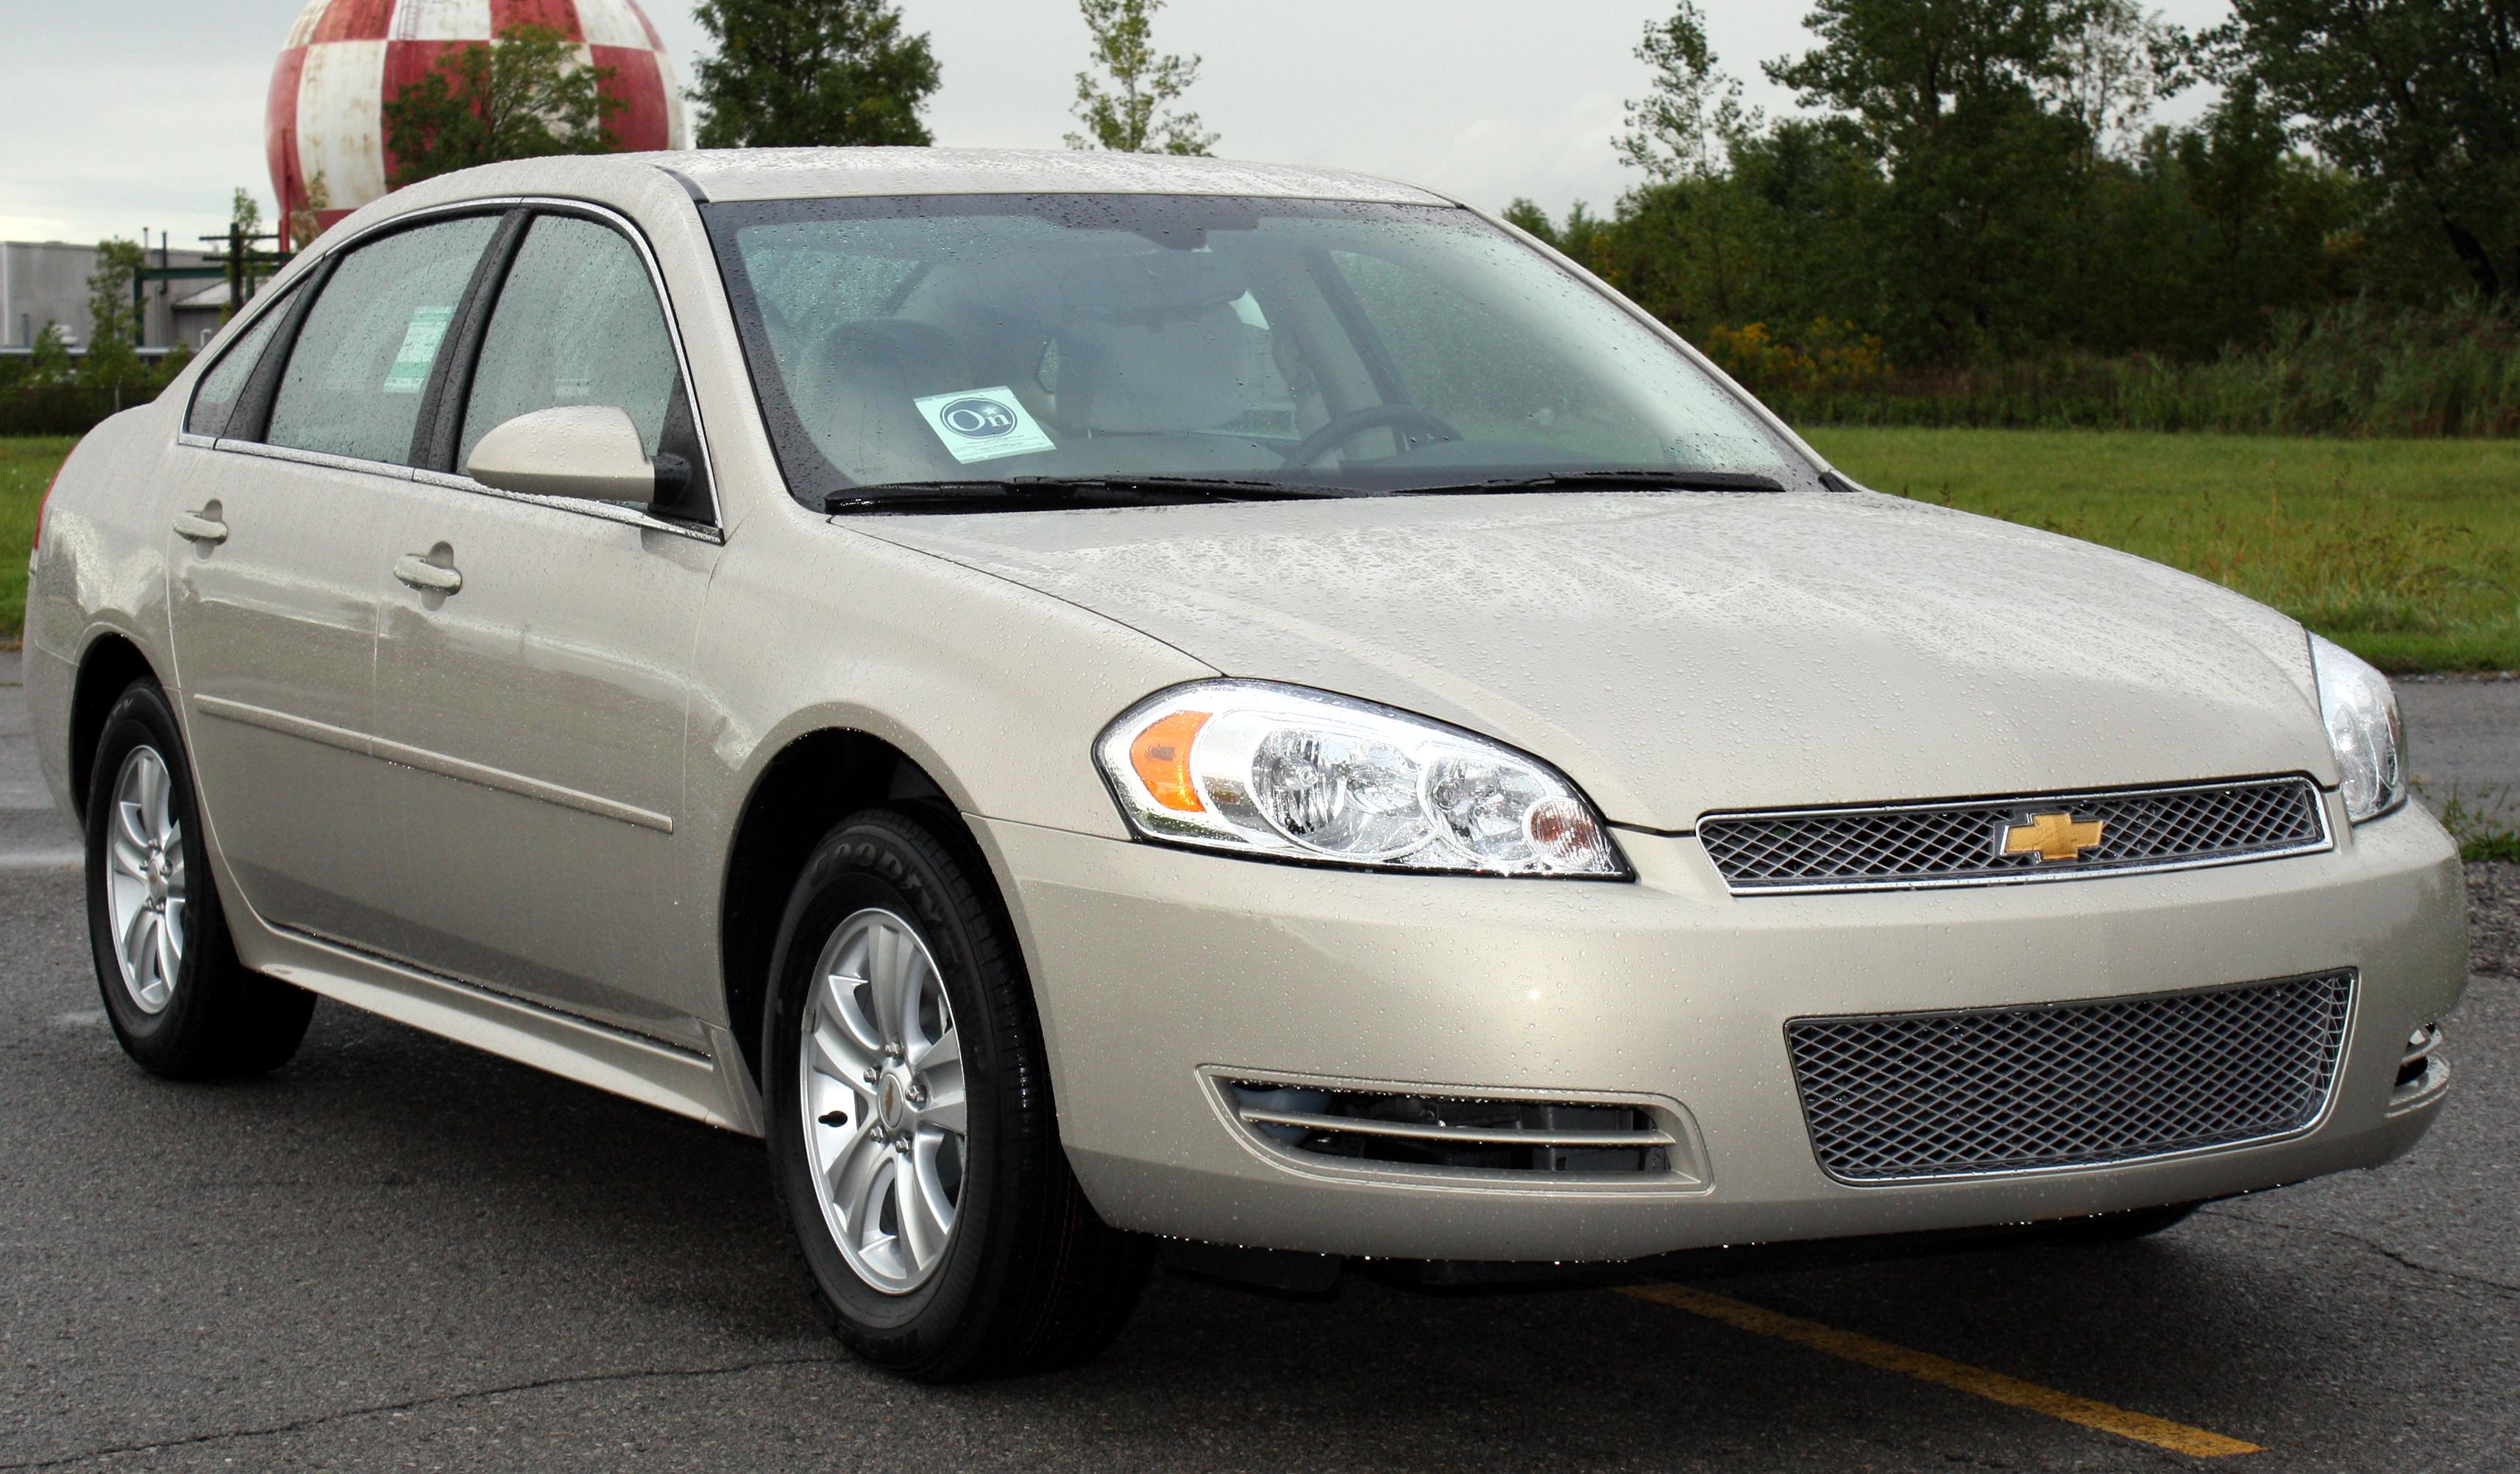 Impala Ss 2013